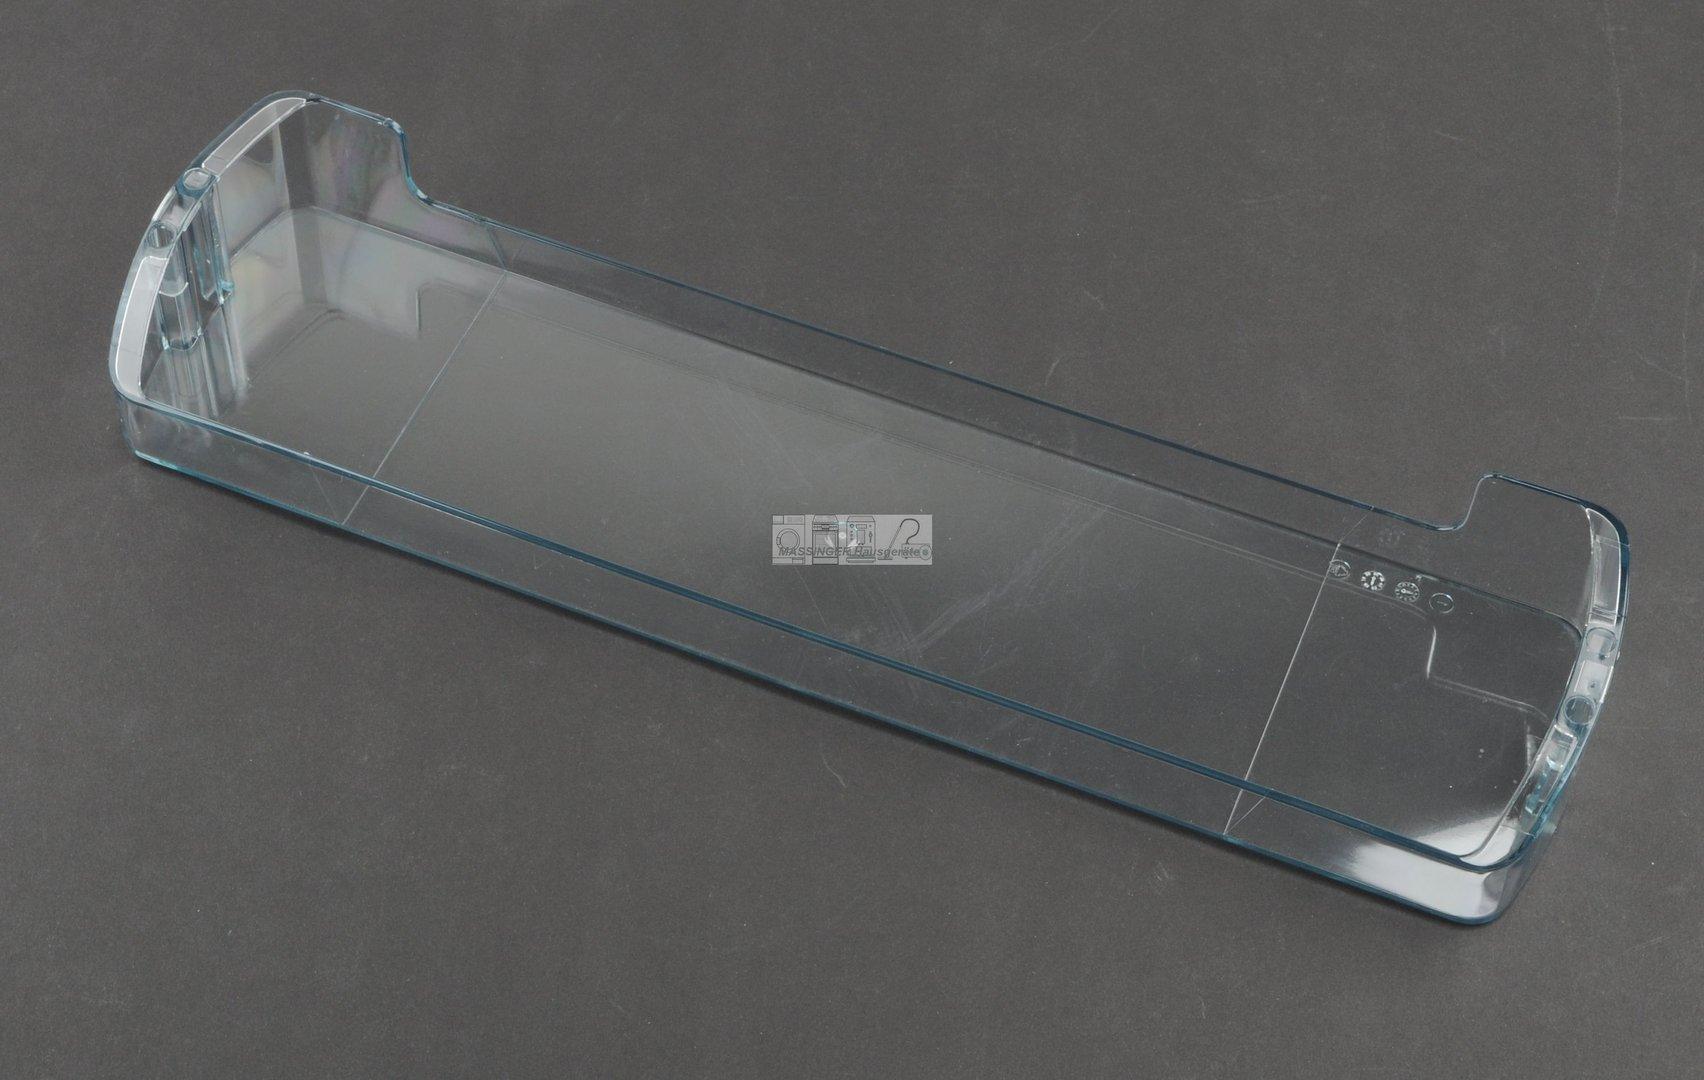 Gorenje Kühlschrank Flaschenfach : Gorenje kühlschrank flaschenfach einbau getränke 380mm 355014